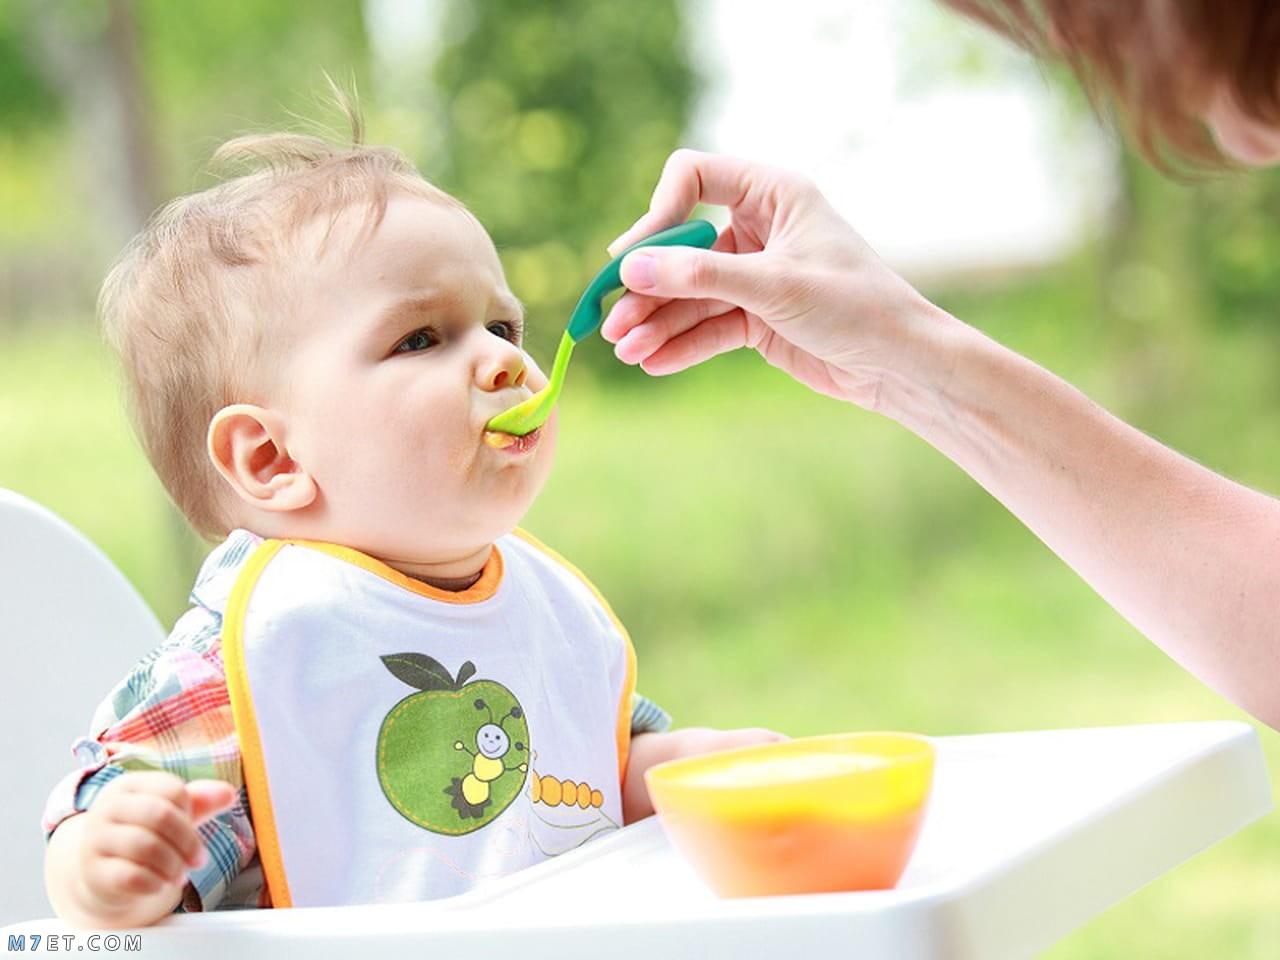 تغذية الطفل في الشهر الخامس